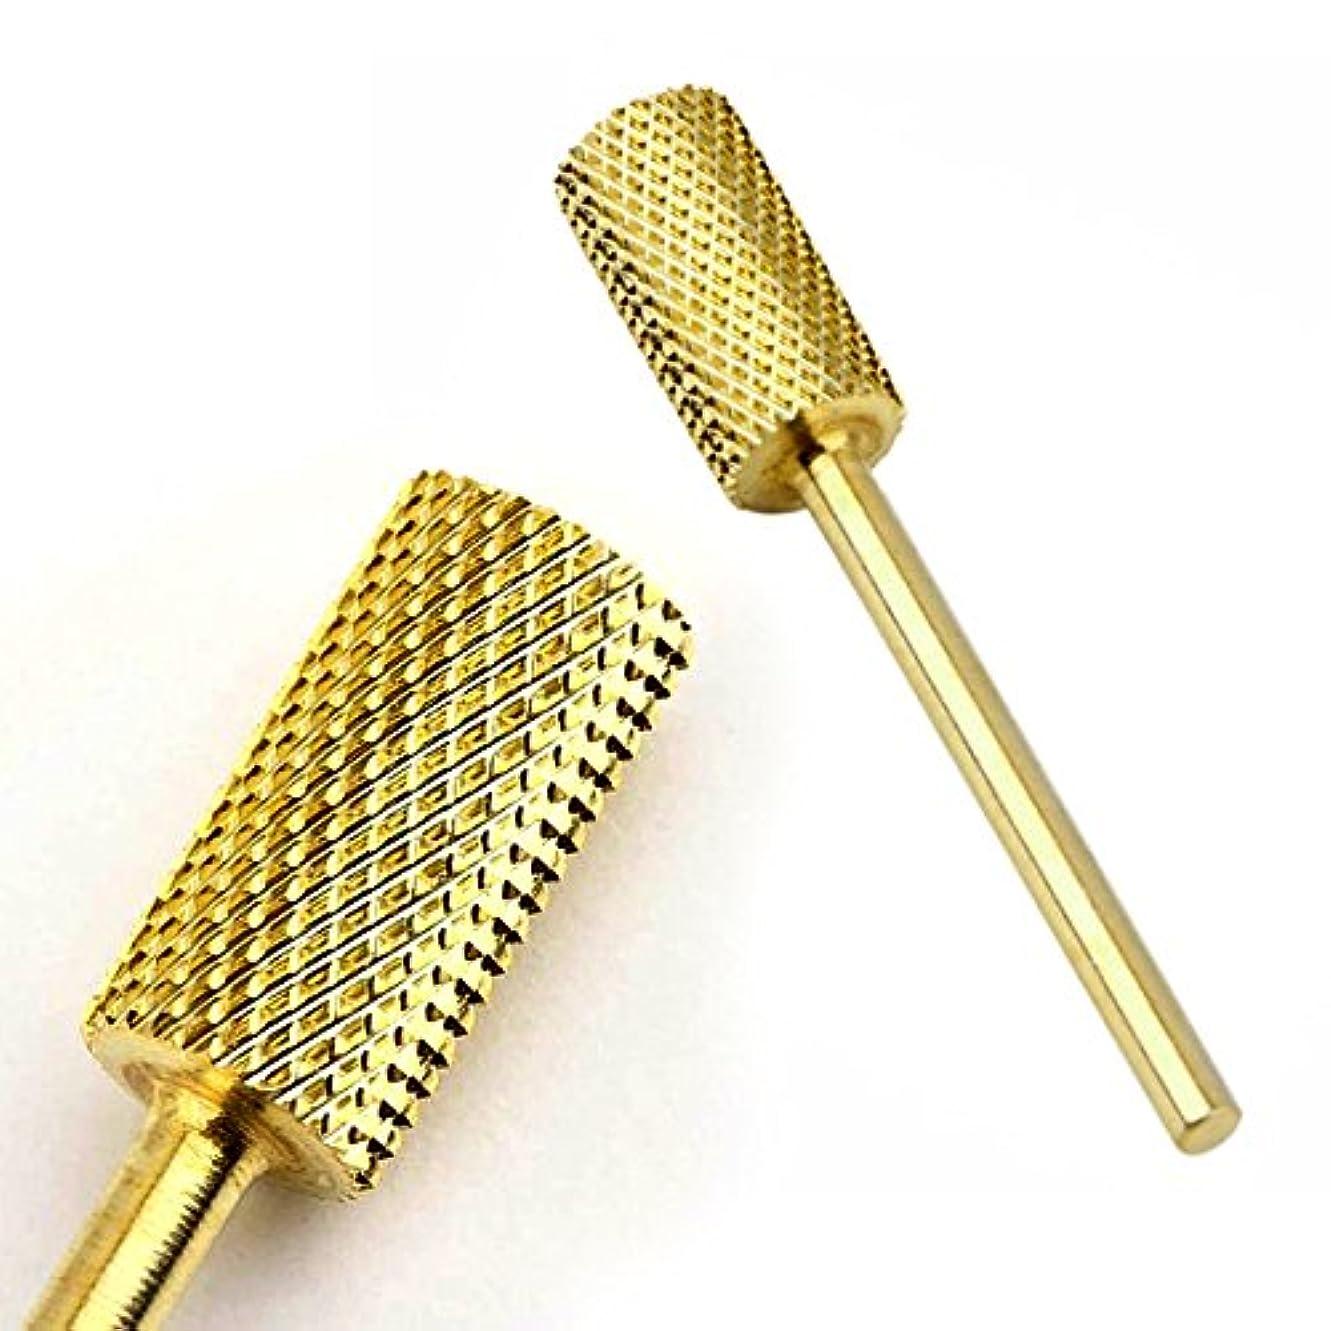 人気のブロックタイトネイルマシーン用ビット ゴールドカラービット アクリルや厚いハードジェルのオフ除去に最適 ゴールドカラーの付け替えアタッチメント ネイルマシン用 ジェルネイルオフ